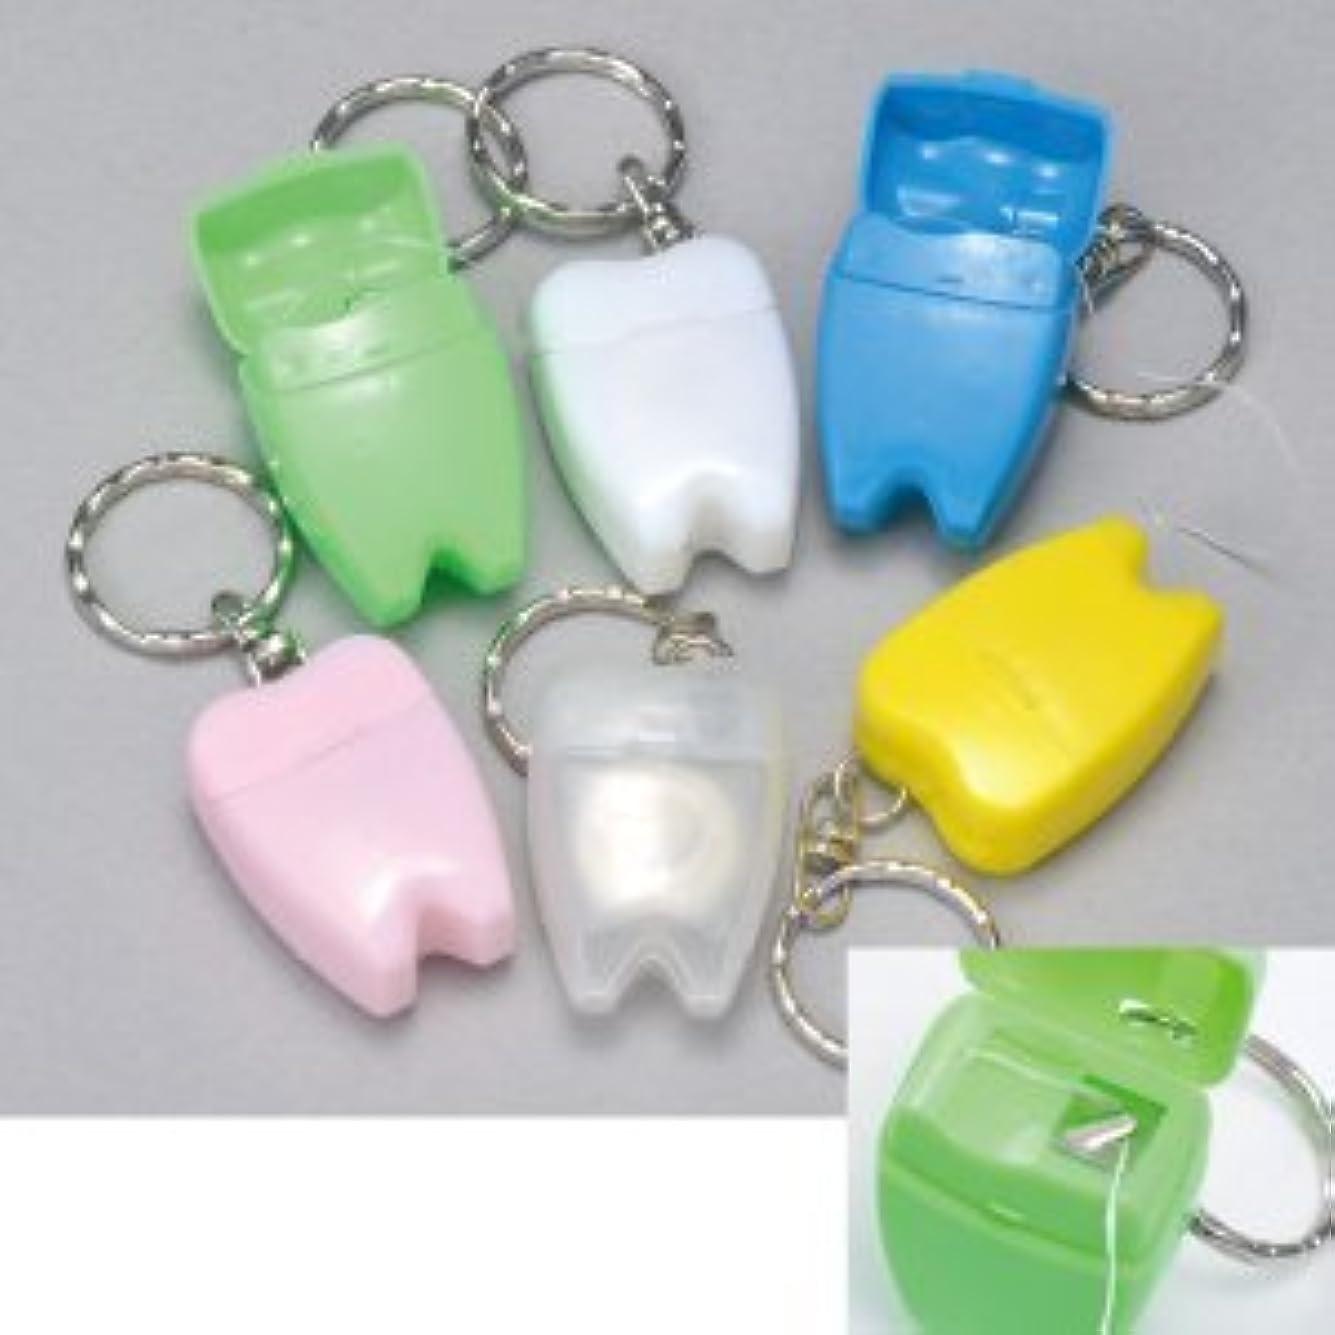 ペルー路地占める歯型デンタルフロス キーホルダー 1個 (さくら色)